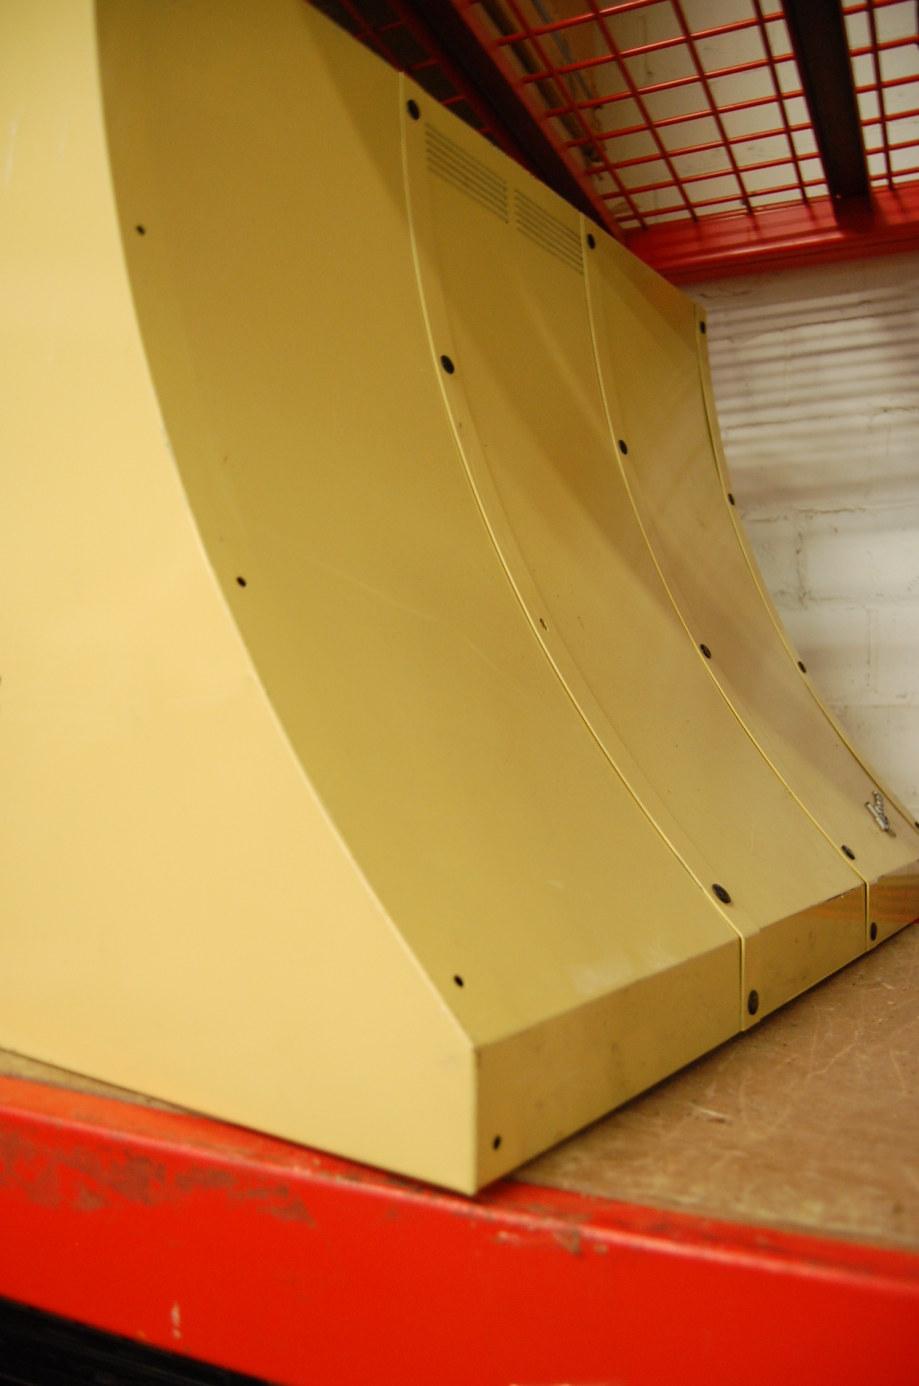 retro-mid-century-yellow-oven-hood